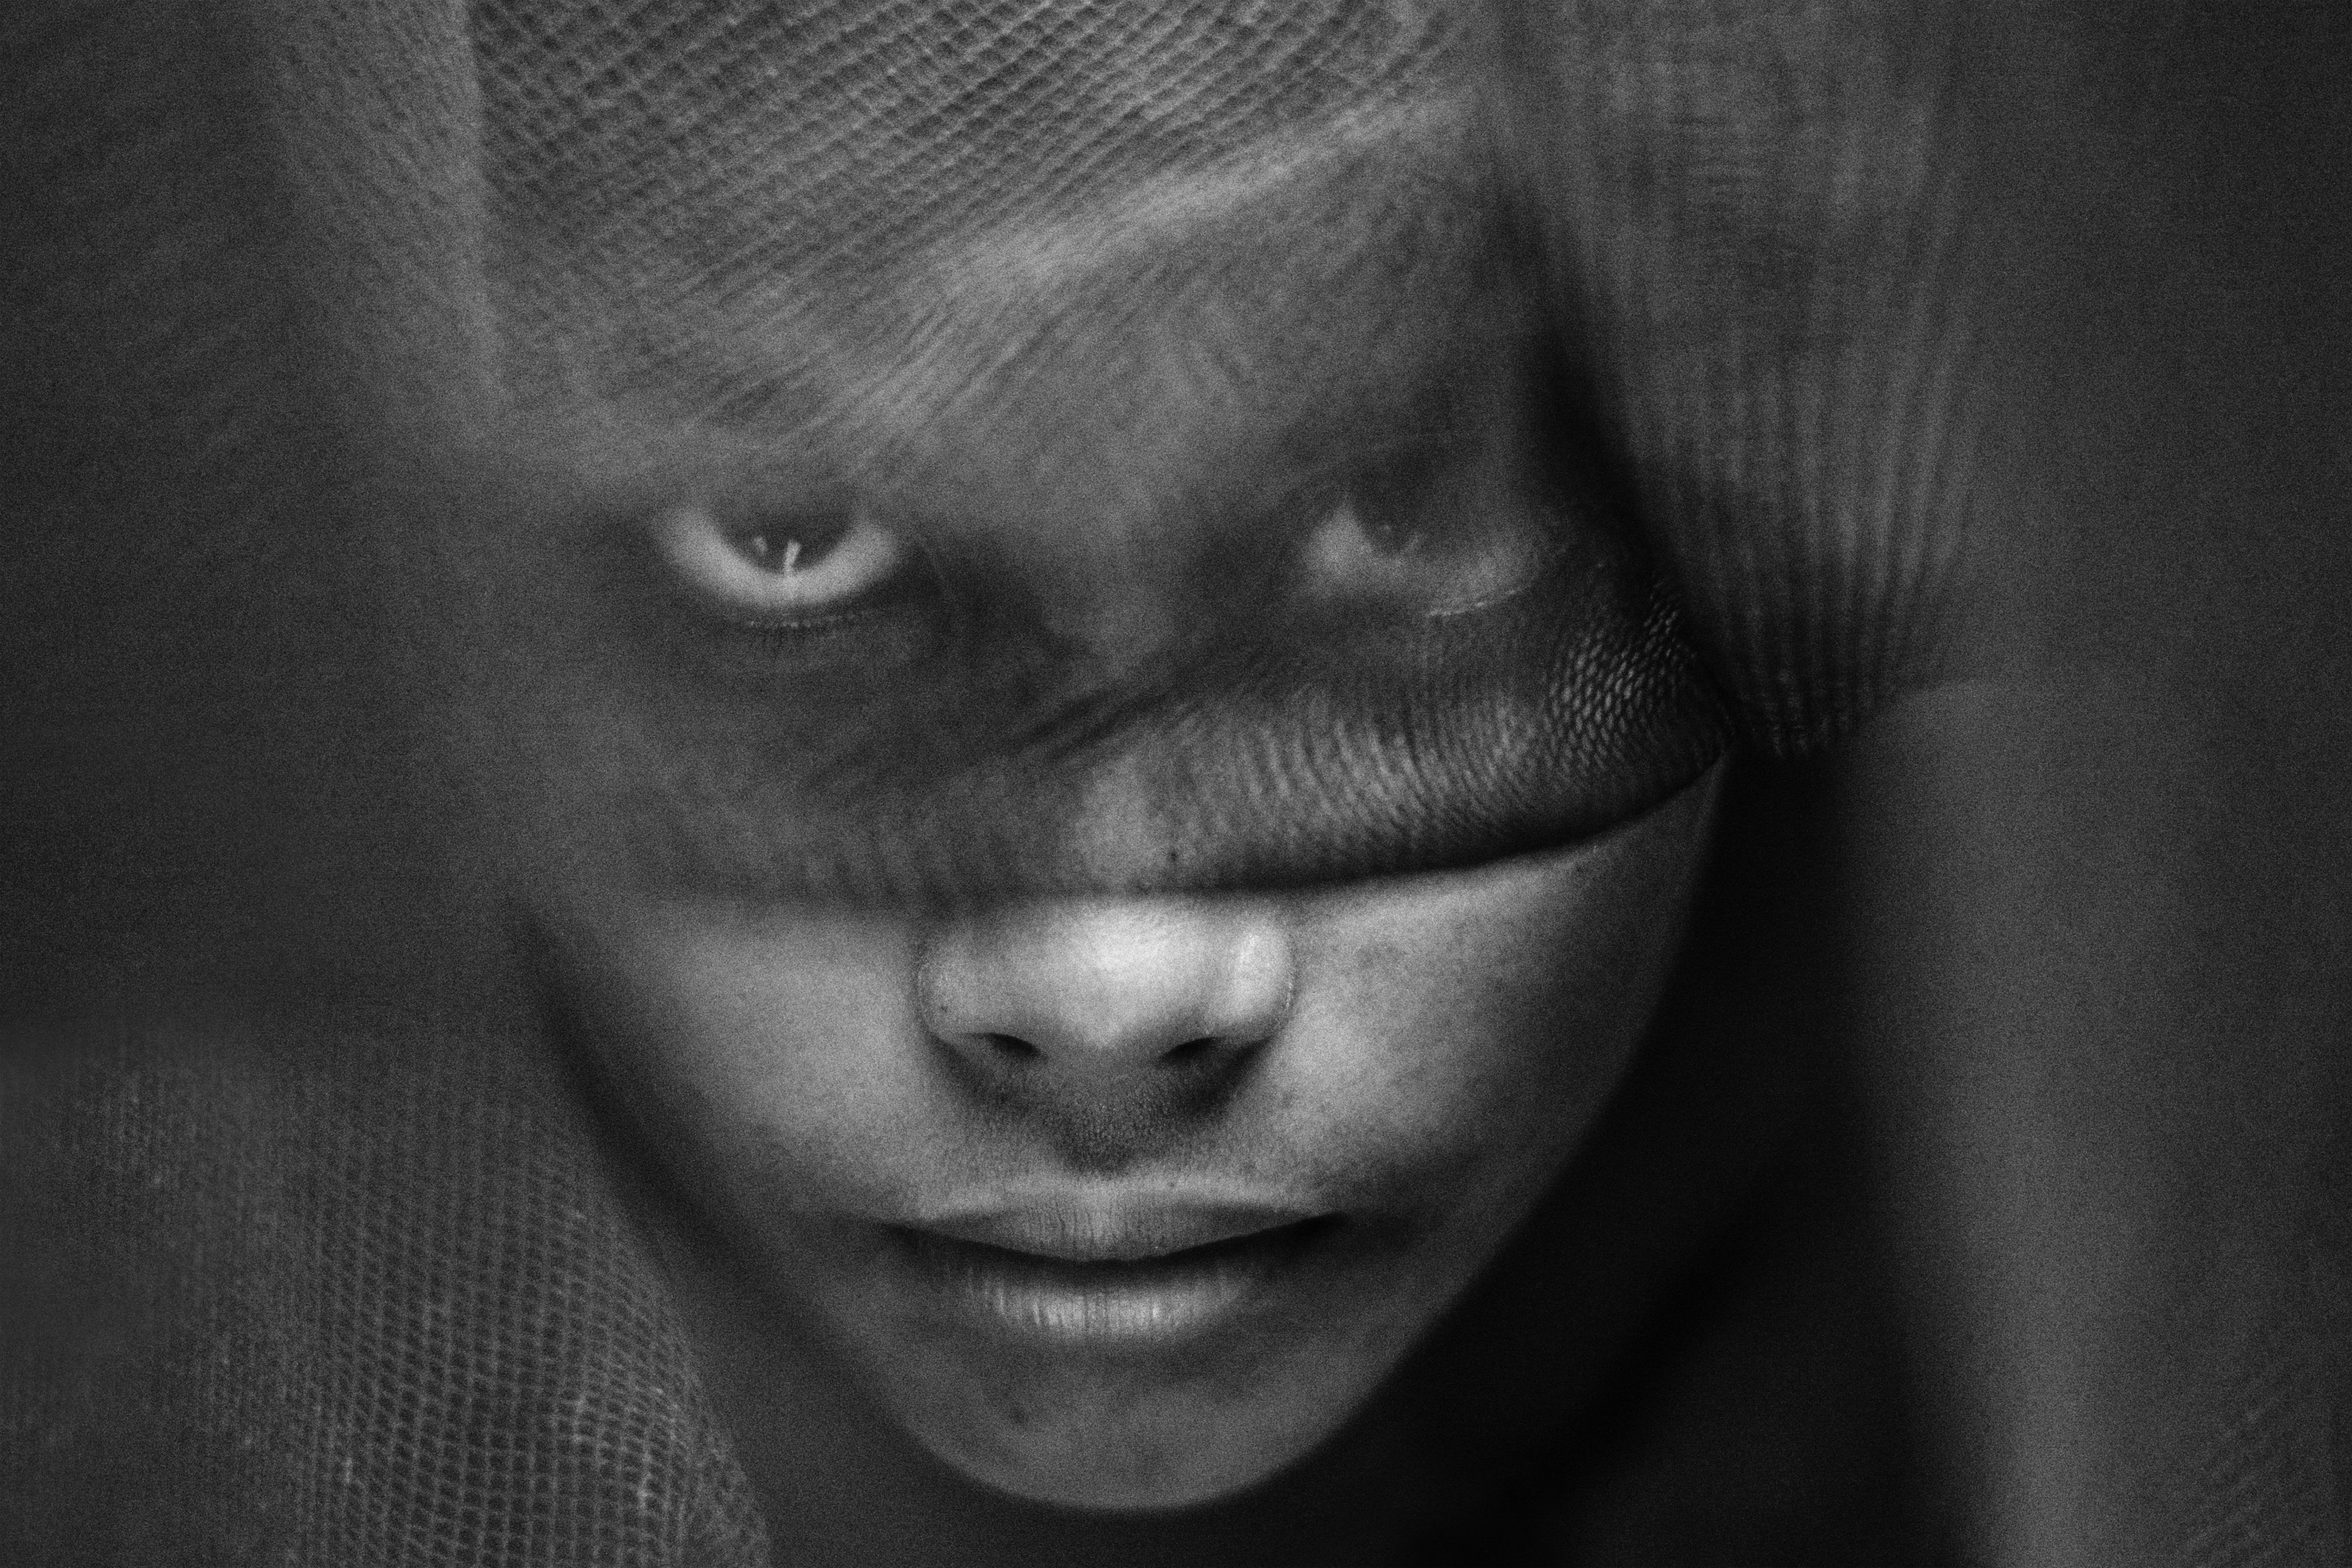 быть затемнение части черно белой фотографии память